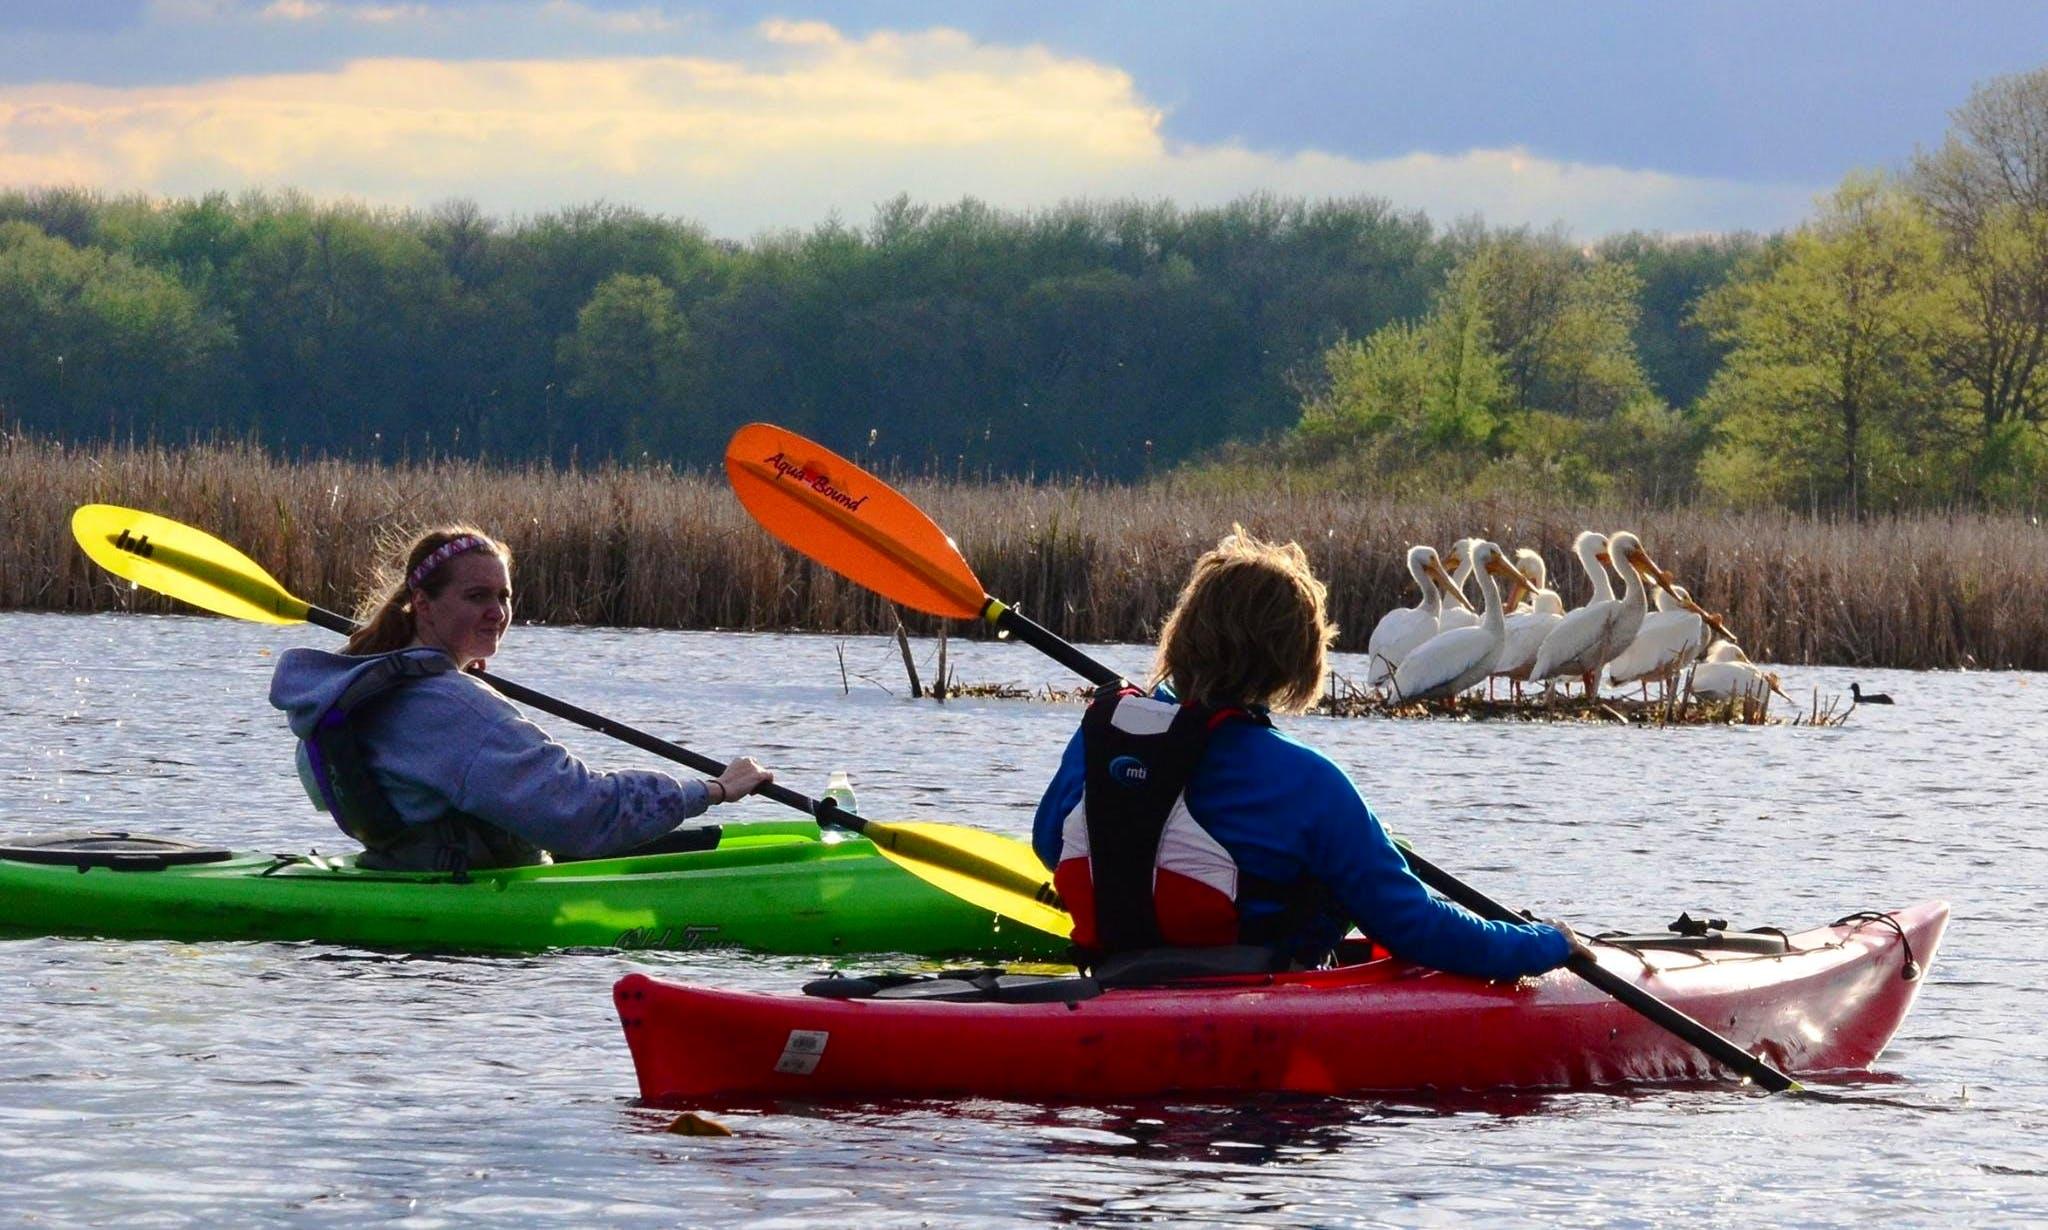 Kayak Rental in Waverly